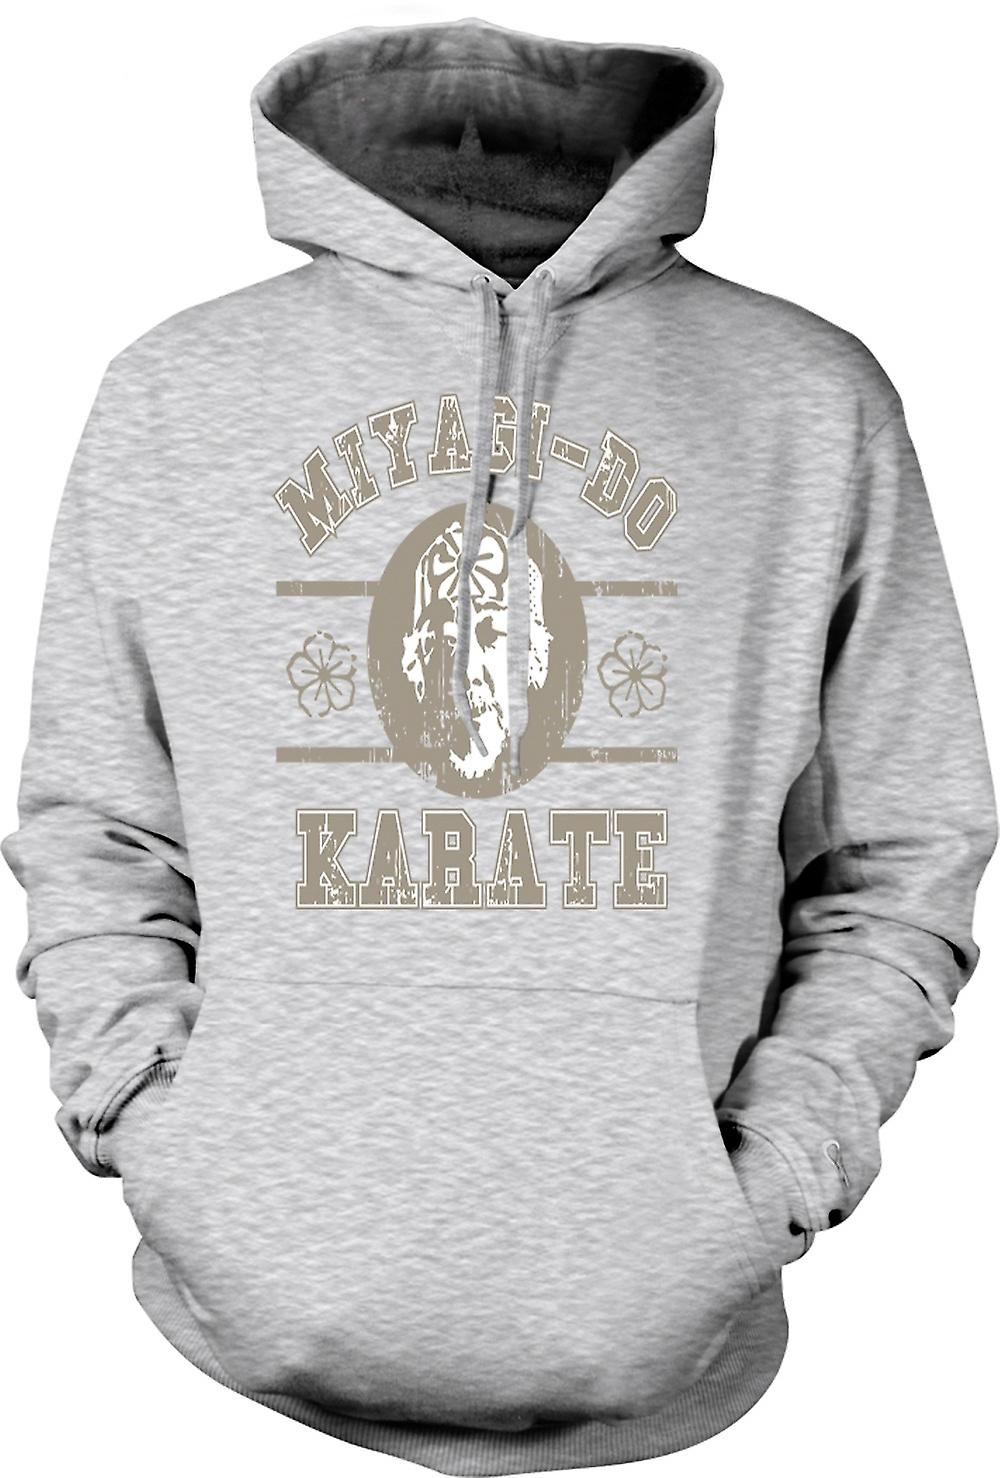 Mens Hoodie - herr Miyagi - Karate Kid - film